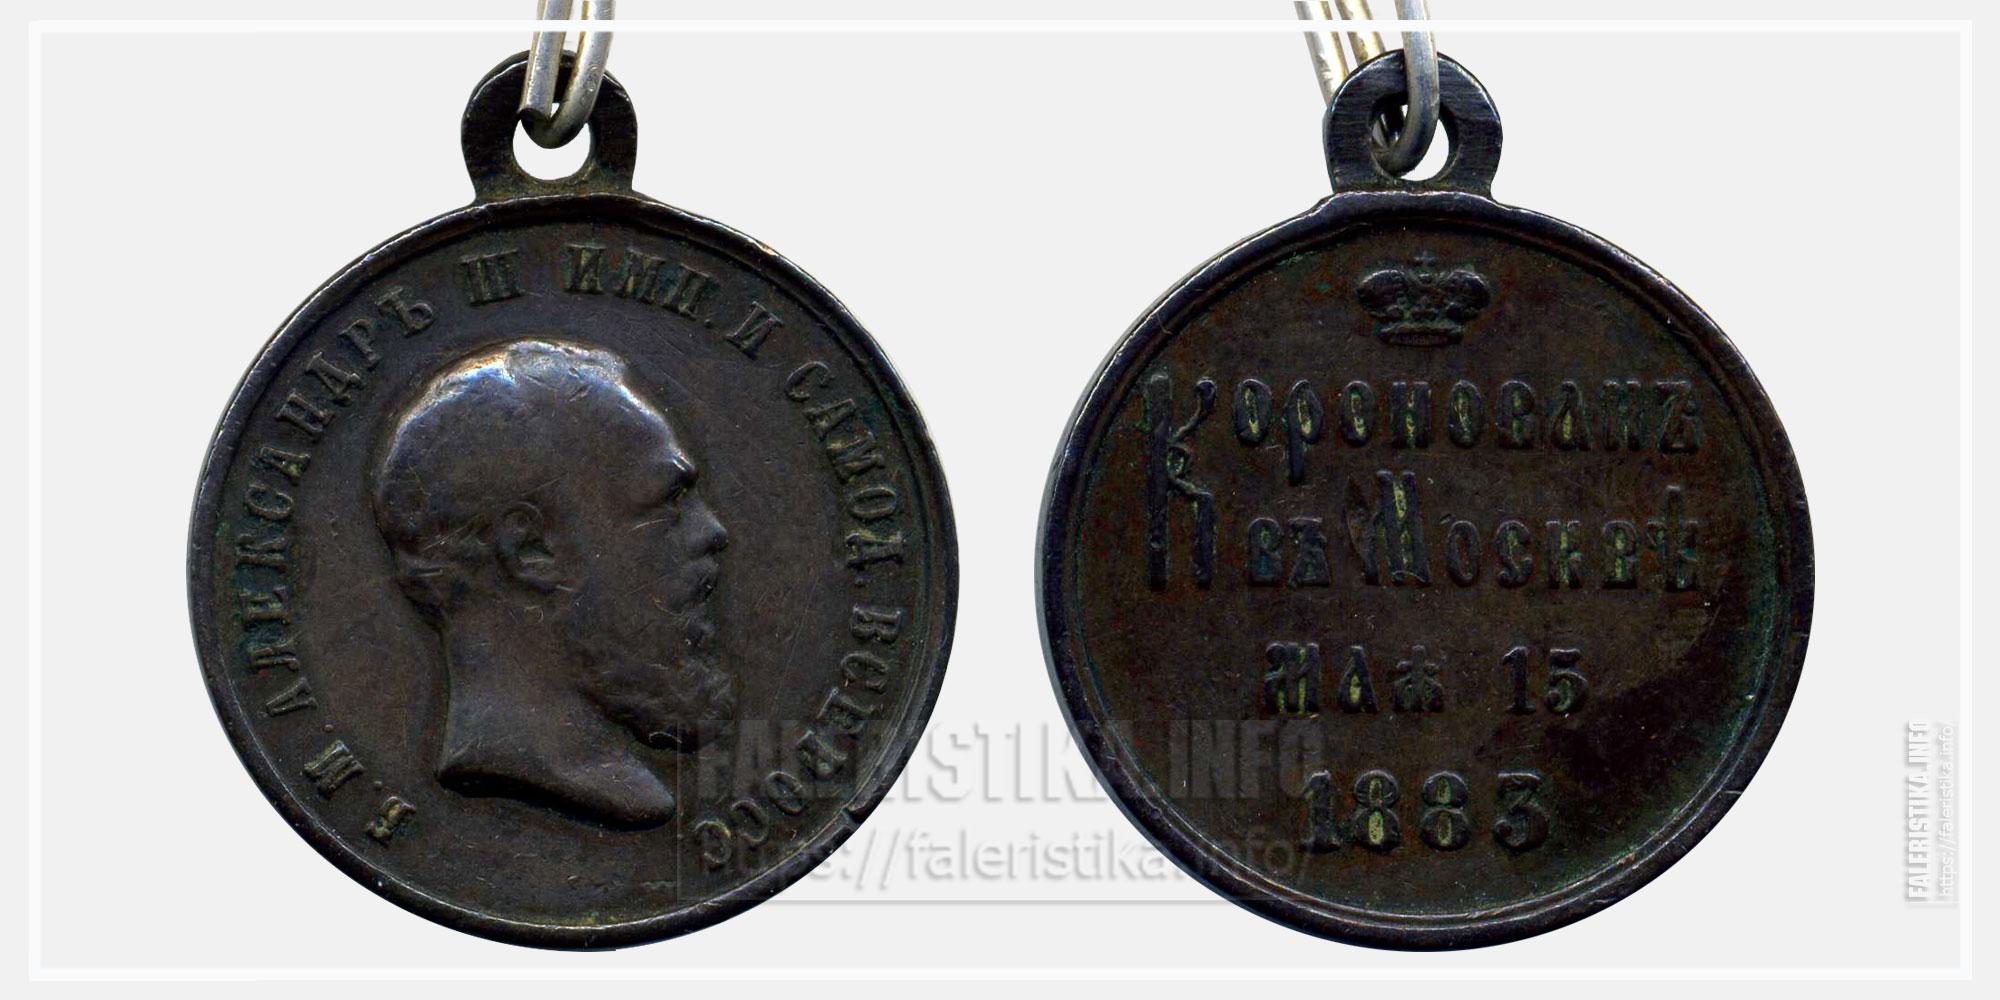 """Медаль """"Коронован в Москве мая 15 1883 Божьей милостью Александр III Император и Самодержец Всероссийский"""""""